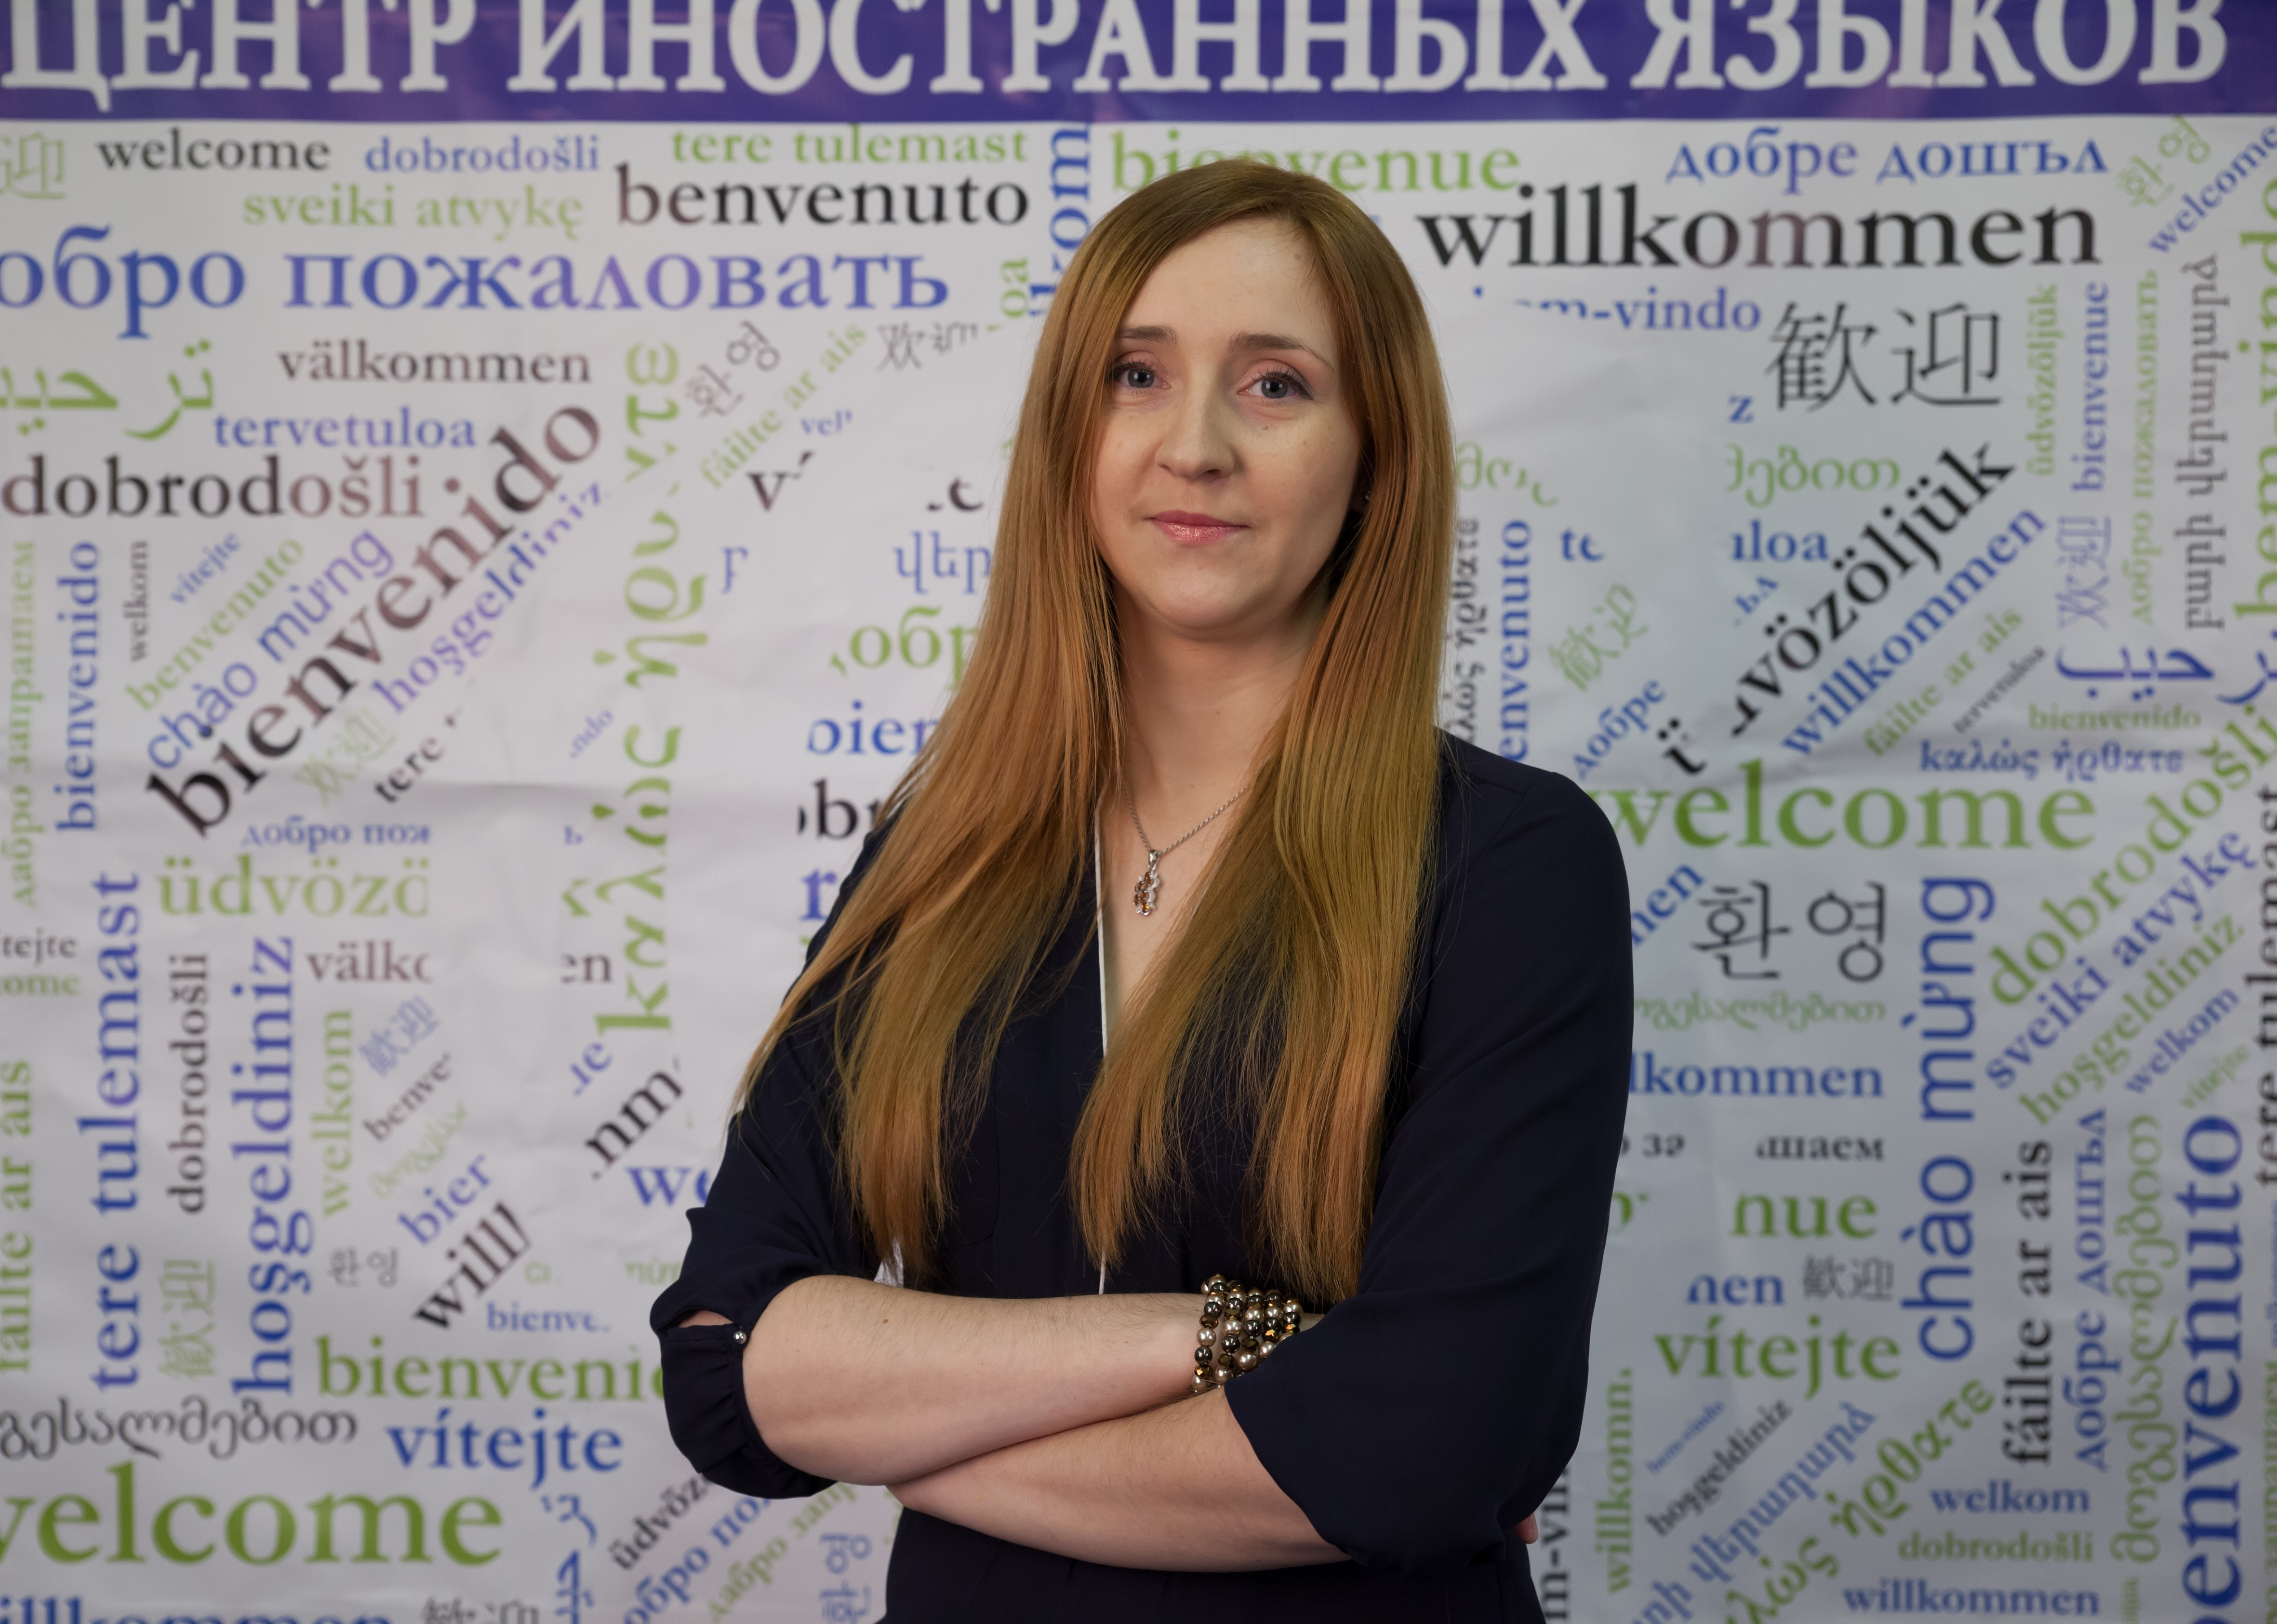 Likhacheva